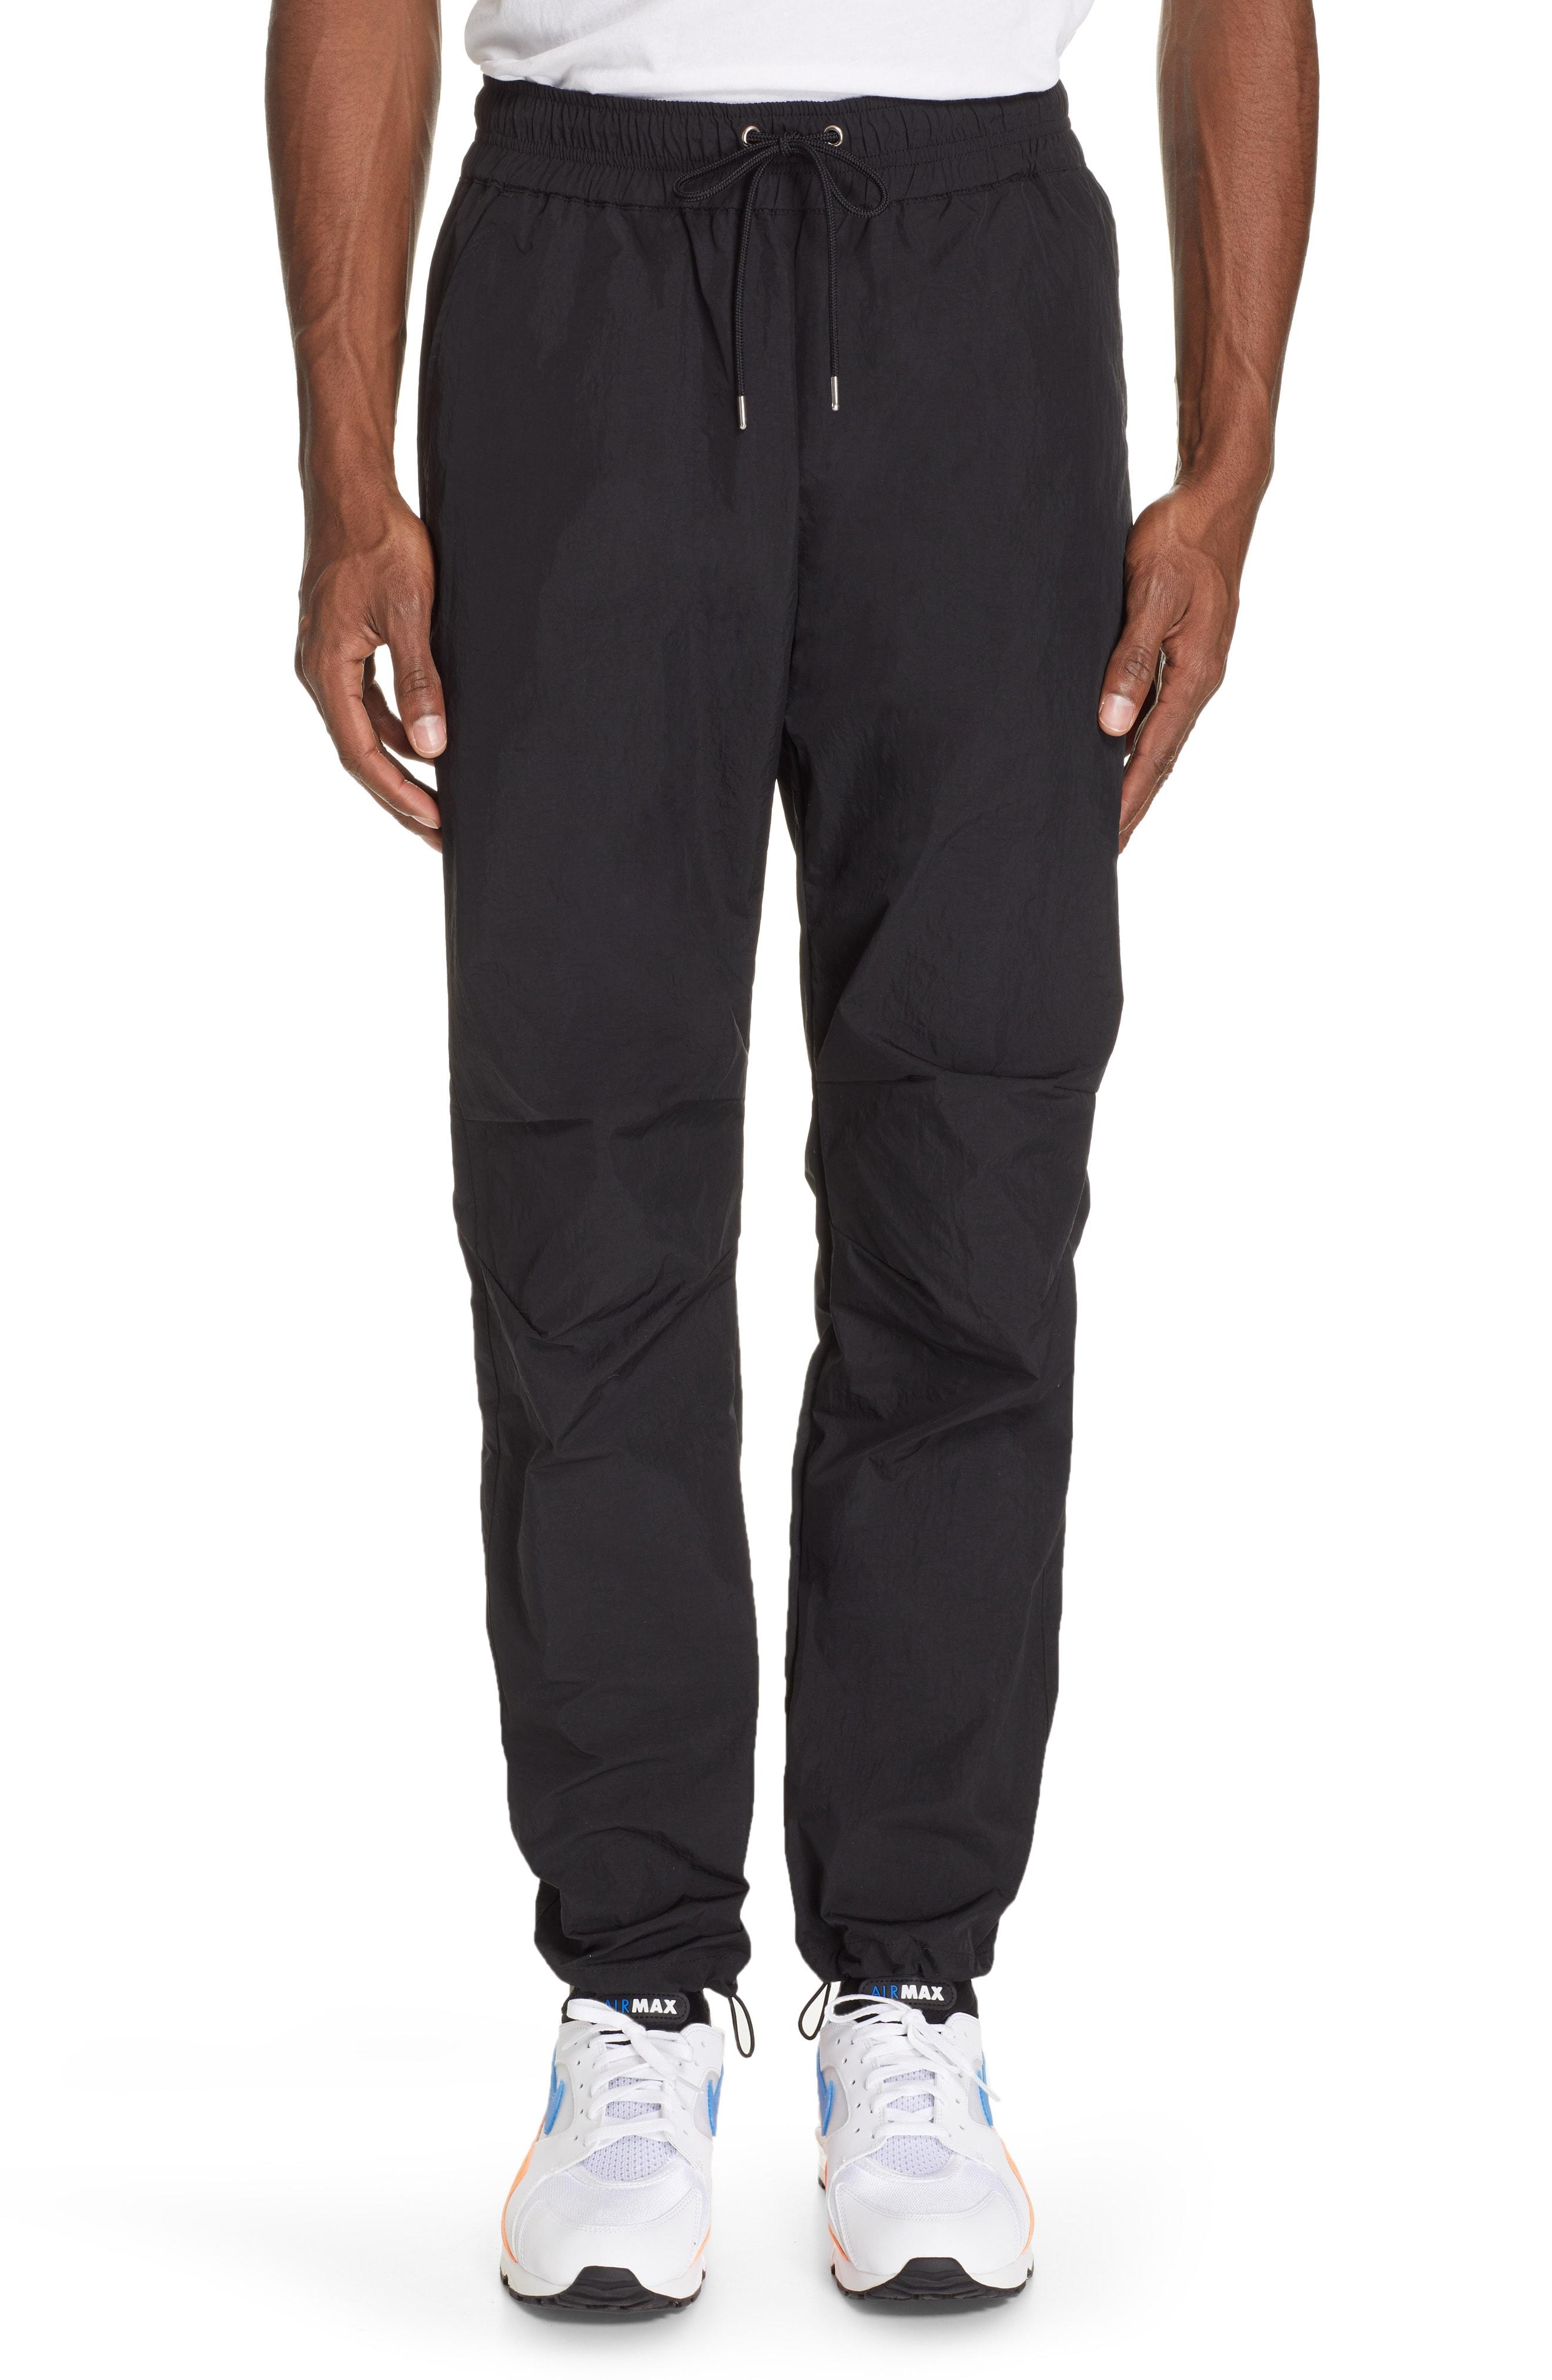 Men's John Elliott Himalayan Nylon Jogger Pants, Size Small - Black